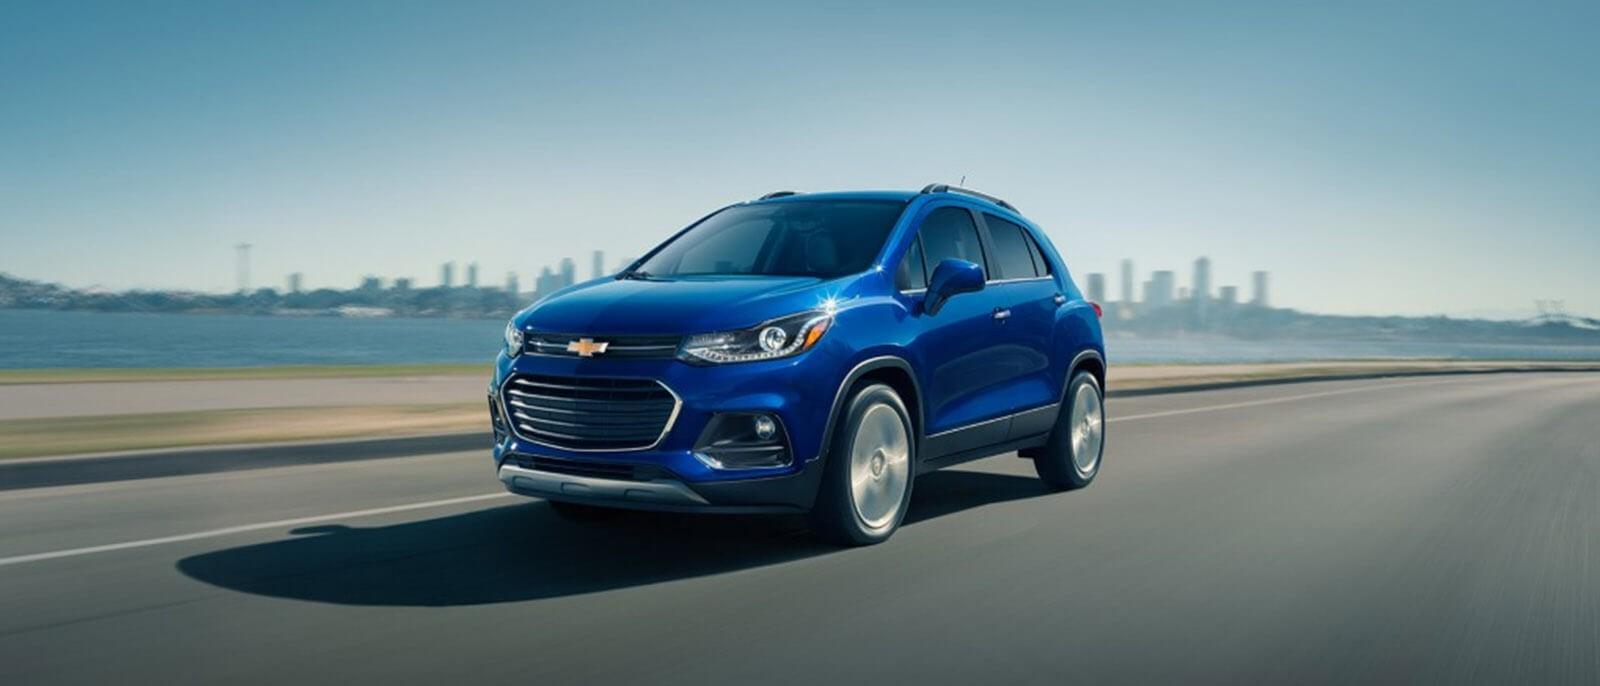 New Vehicles Commonwealth Chevrolet Autos Post